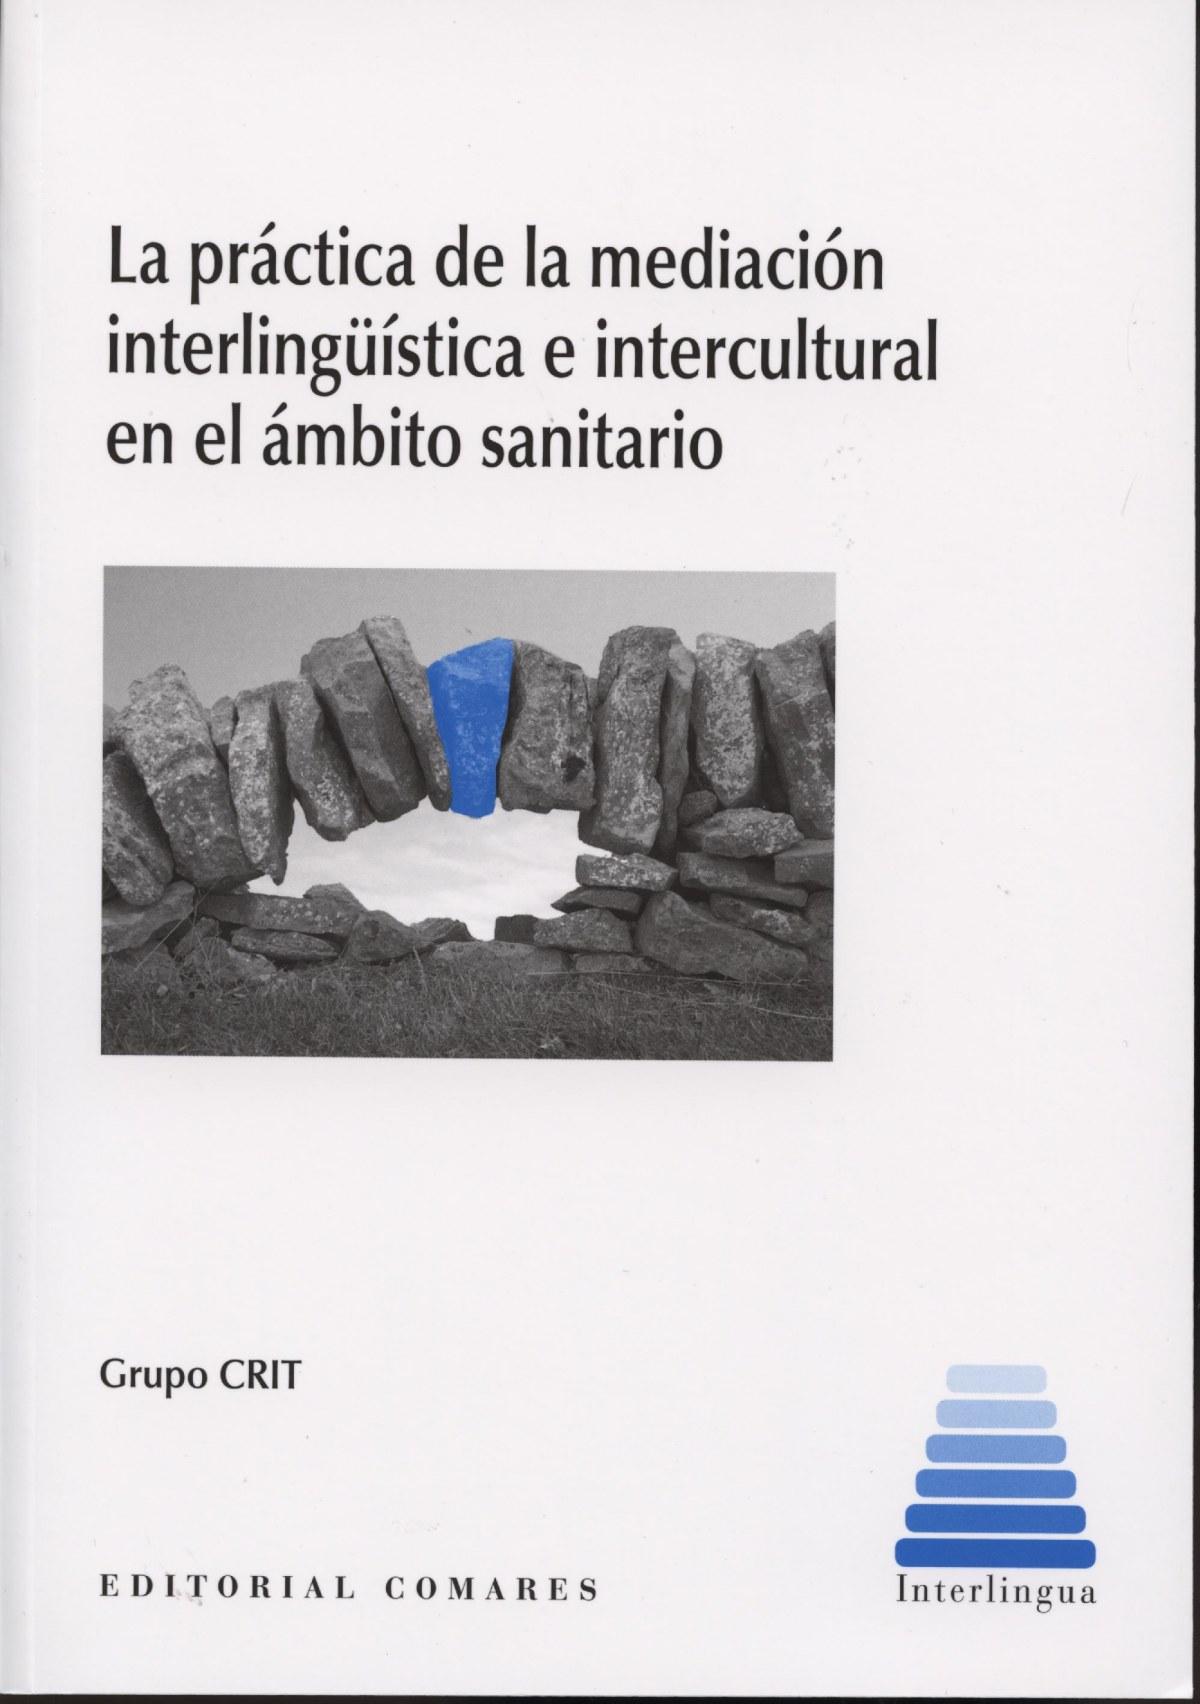 Práctica de la mediación interlingüistica intercultural ambito sanitario